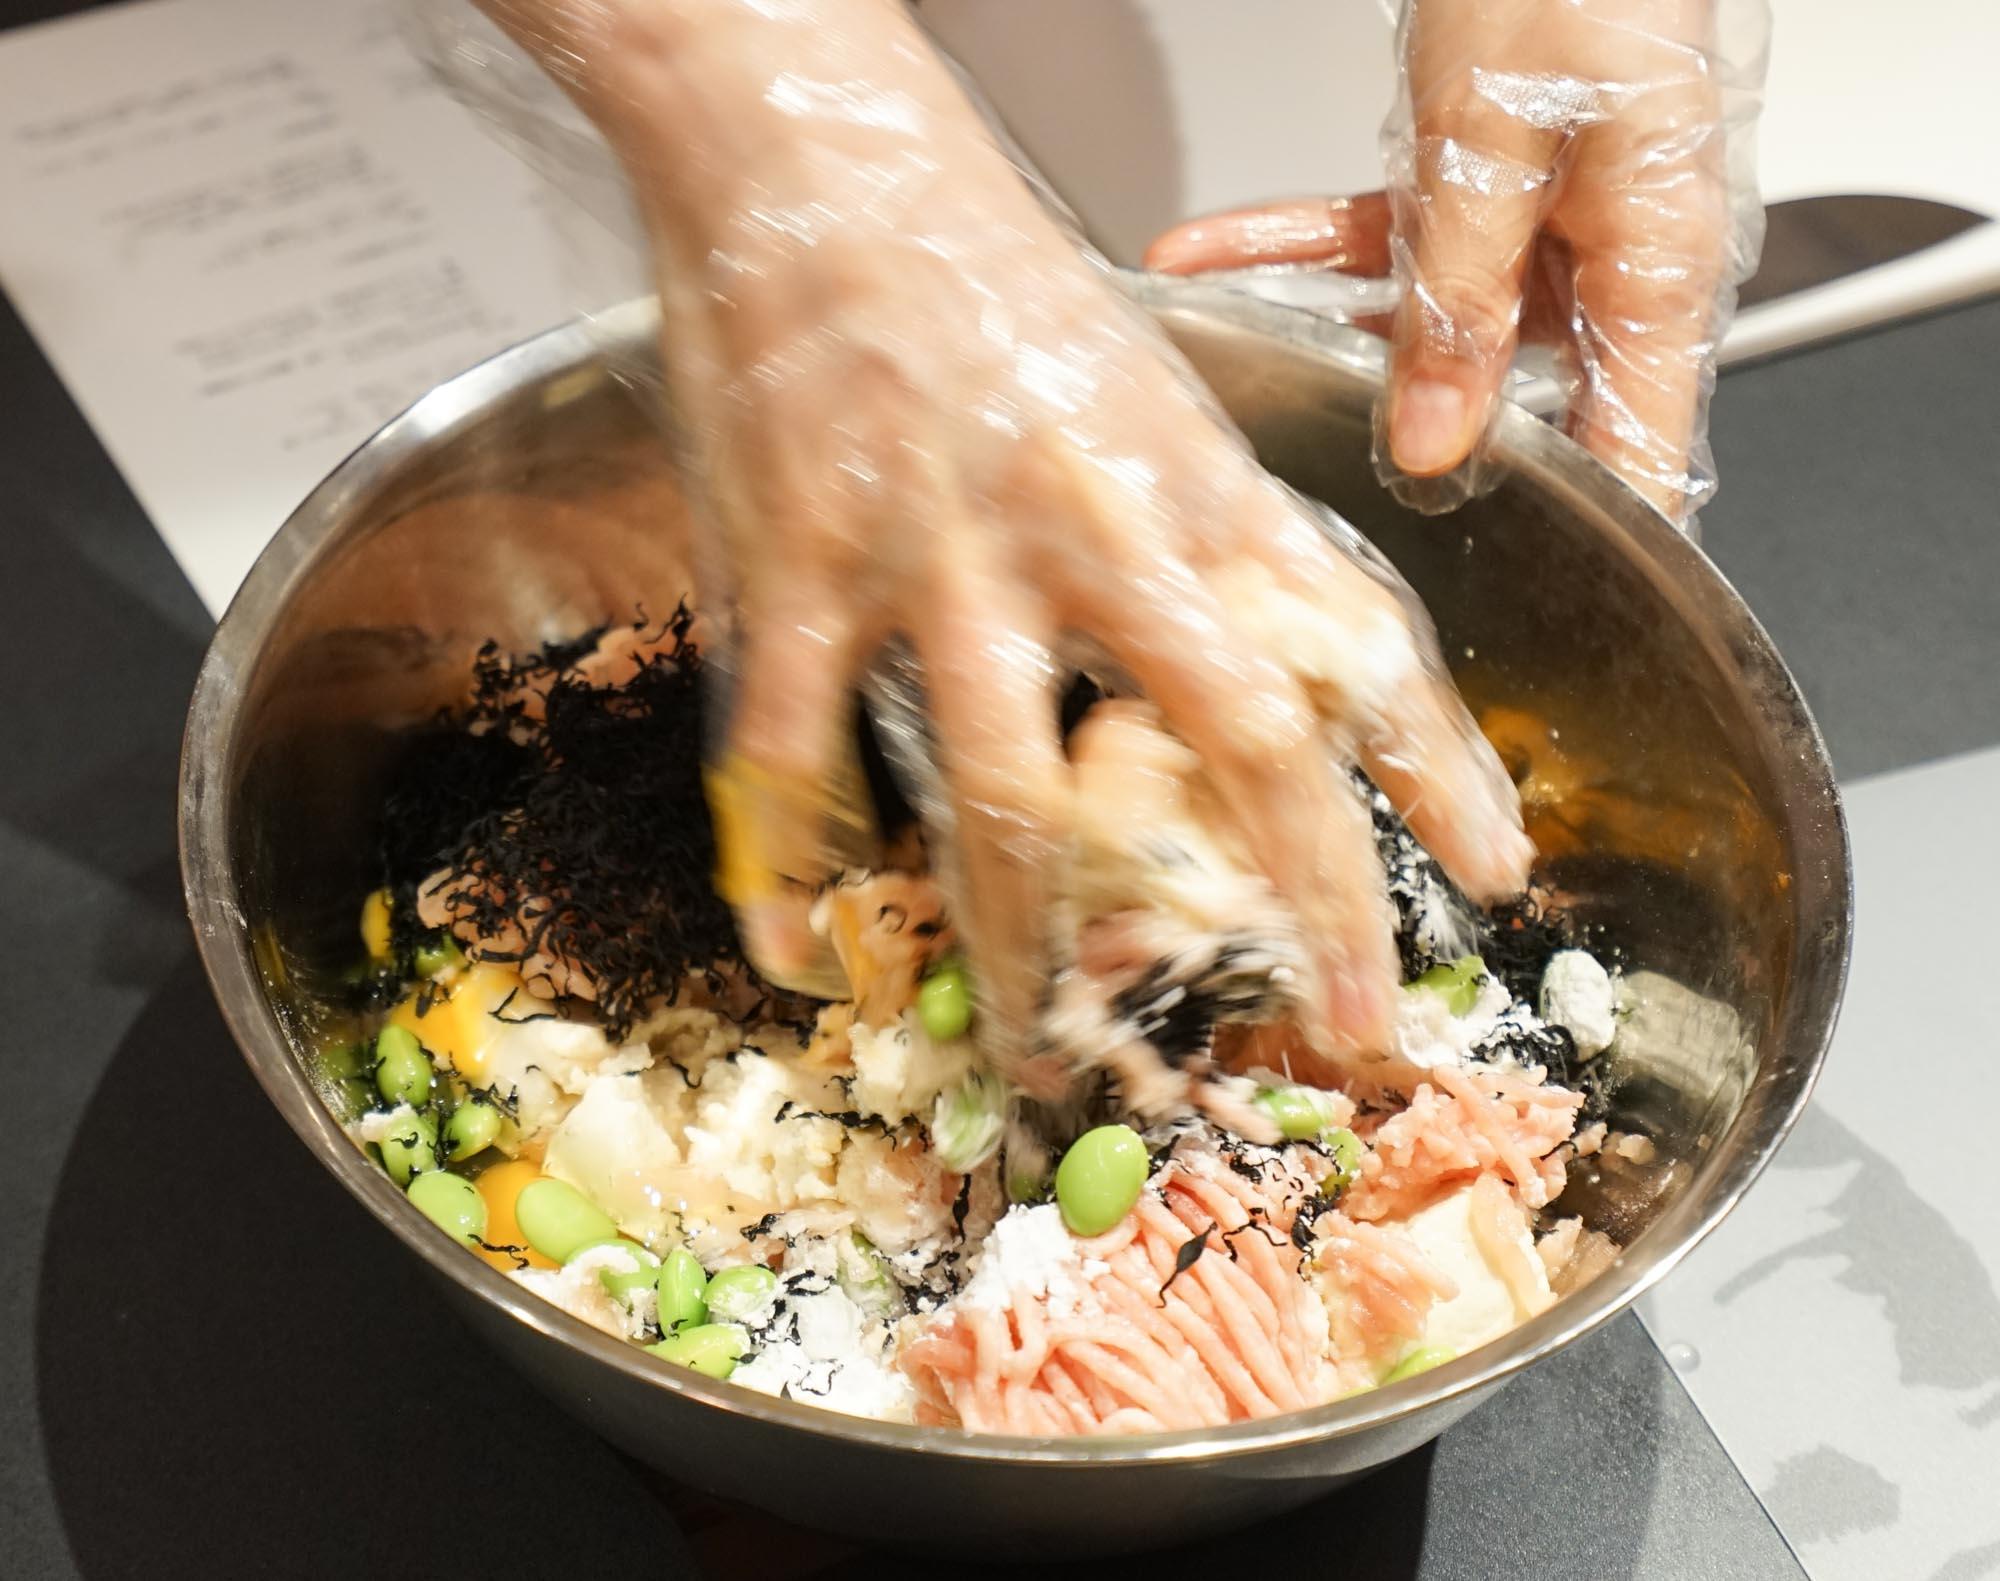 水切りできたら、あとから加える調味料以外のすべての材料をボウルに入れて、まぜるだけ。少量なら、ビニール袋に入れて混ぜるのもいいですよ。